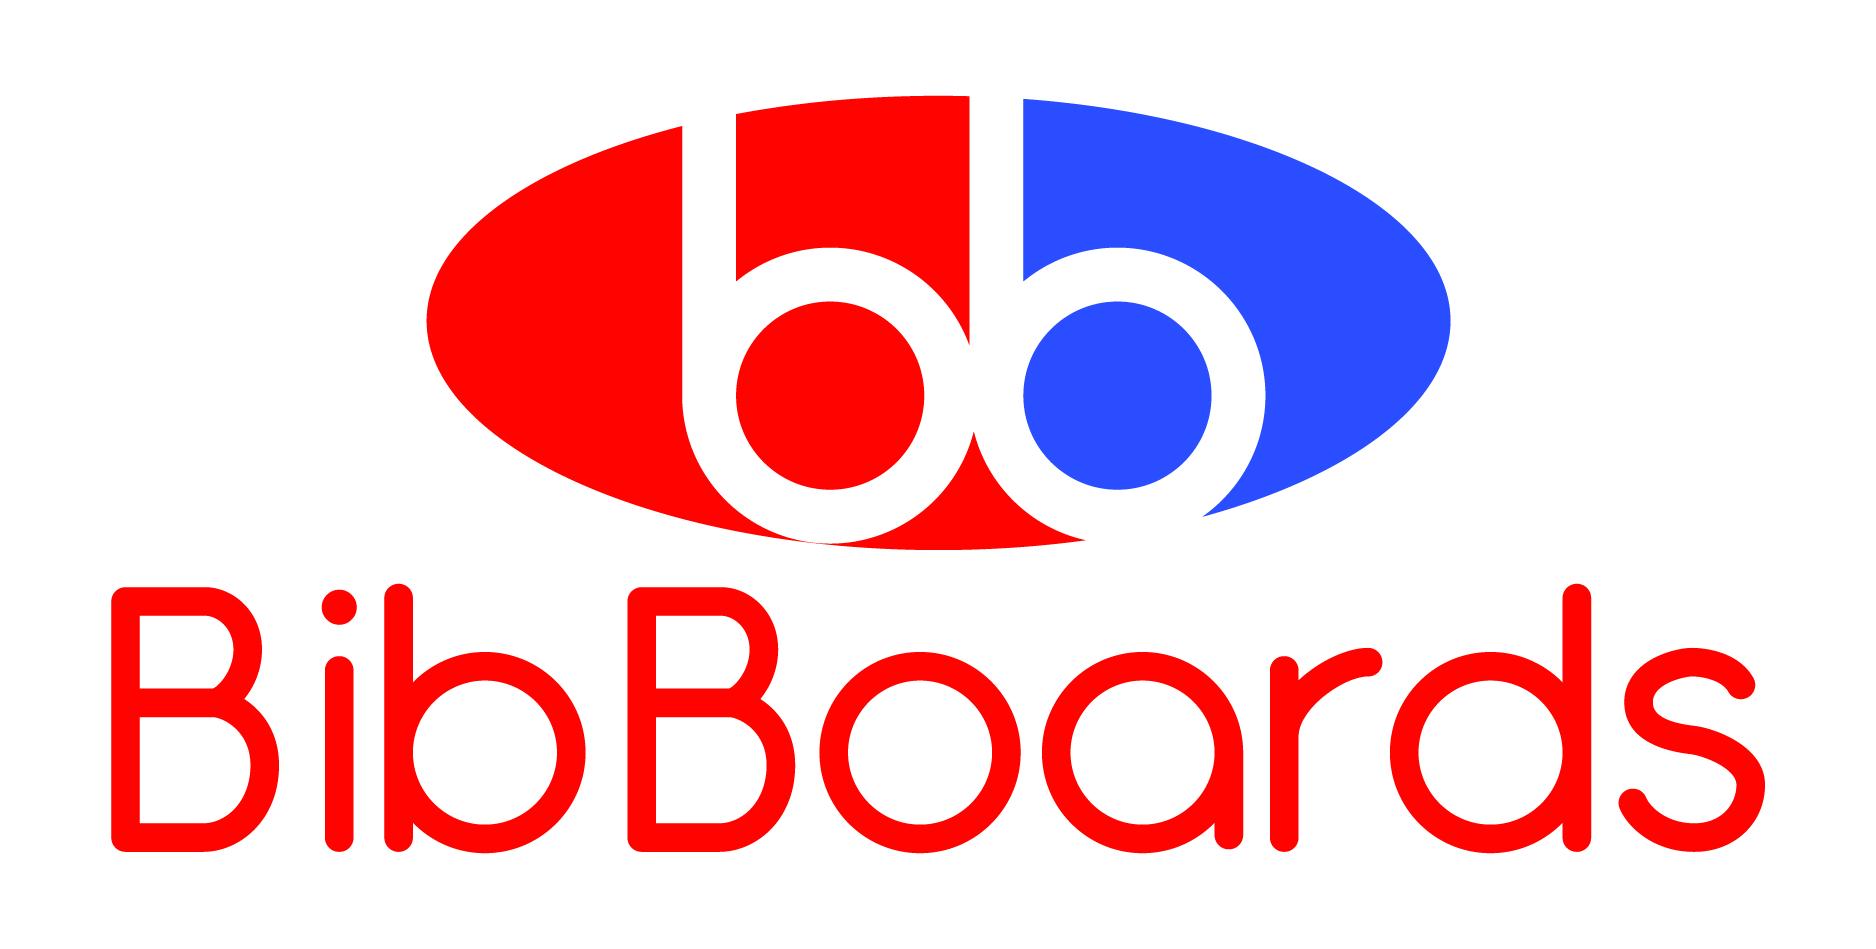 BibBoards-logo-color-print_reduced.jpg